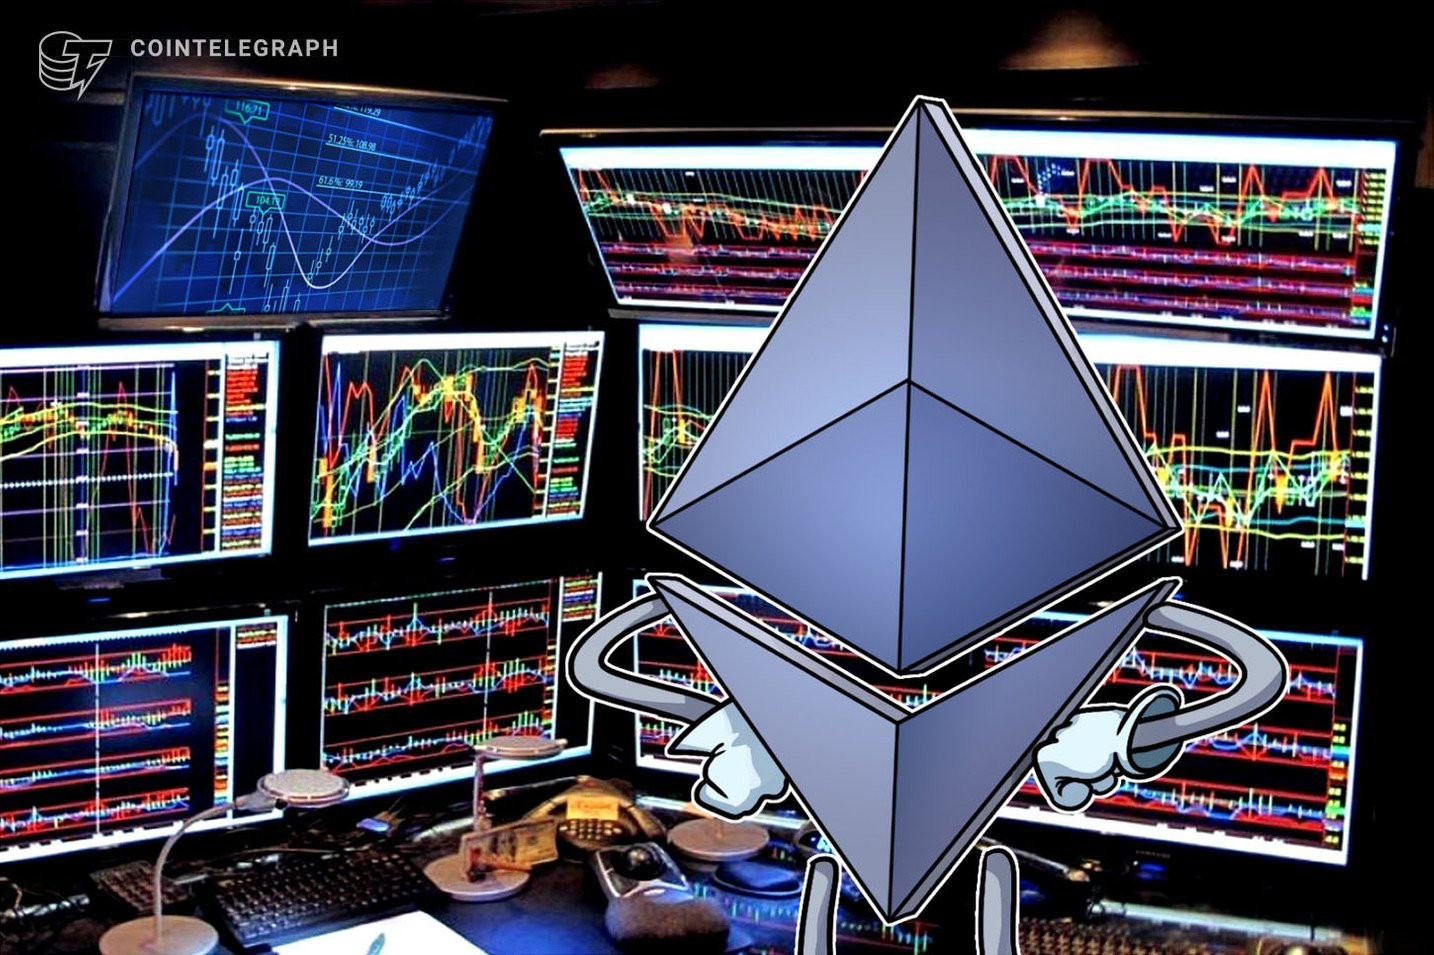 仮想通貨取引所ビットメックス、イーサリアム先物契約を5月5日から提供へ